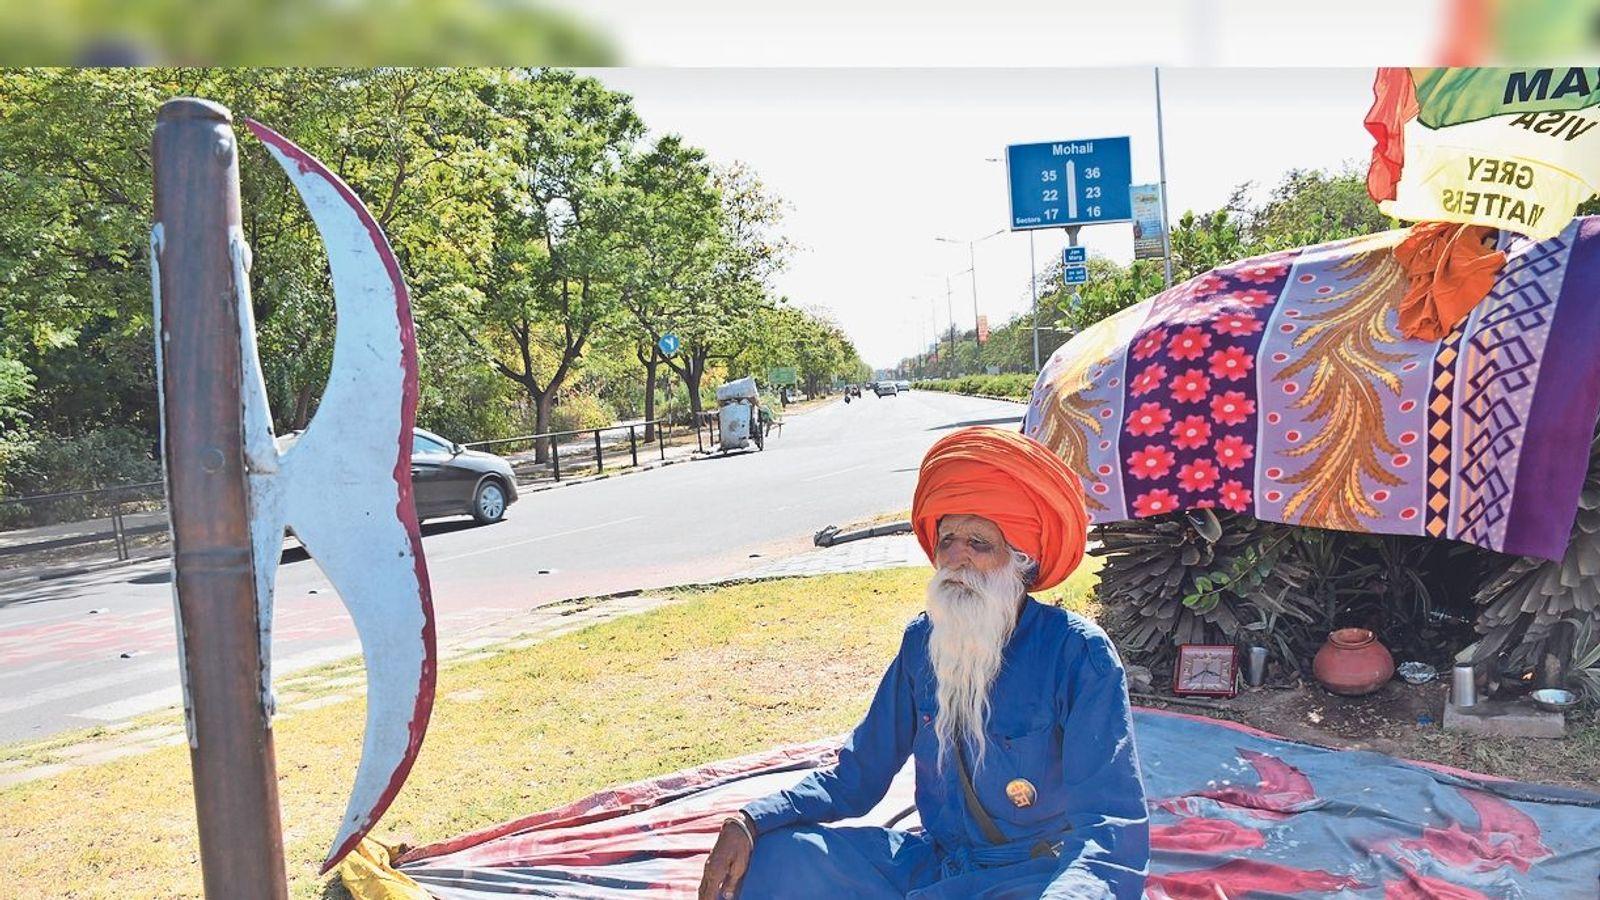 Police could not raise 70-year-old Nihang Labh Singh for the third time | 70 साल के निहंग लाभ सिंह को तीसरी बार भी नहीं उठा पाई पुलिस - Dainik Bhaskar